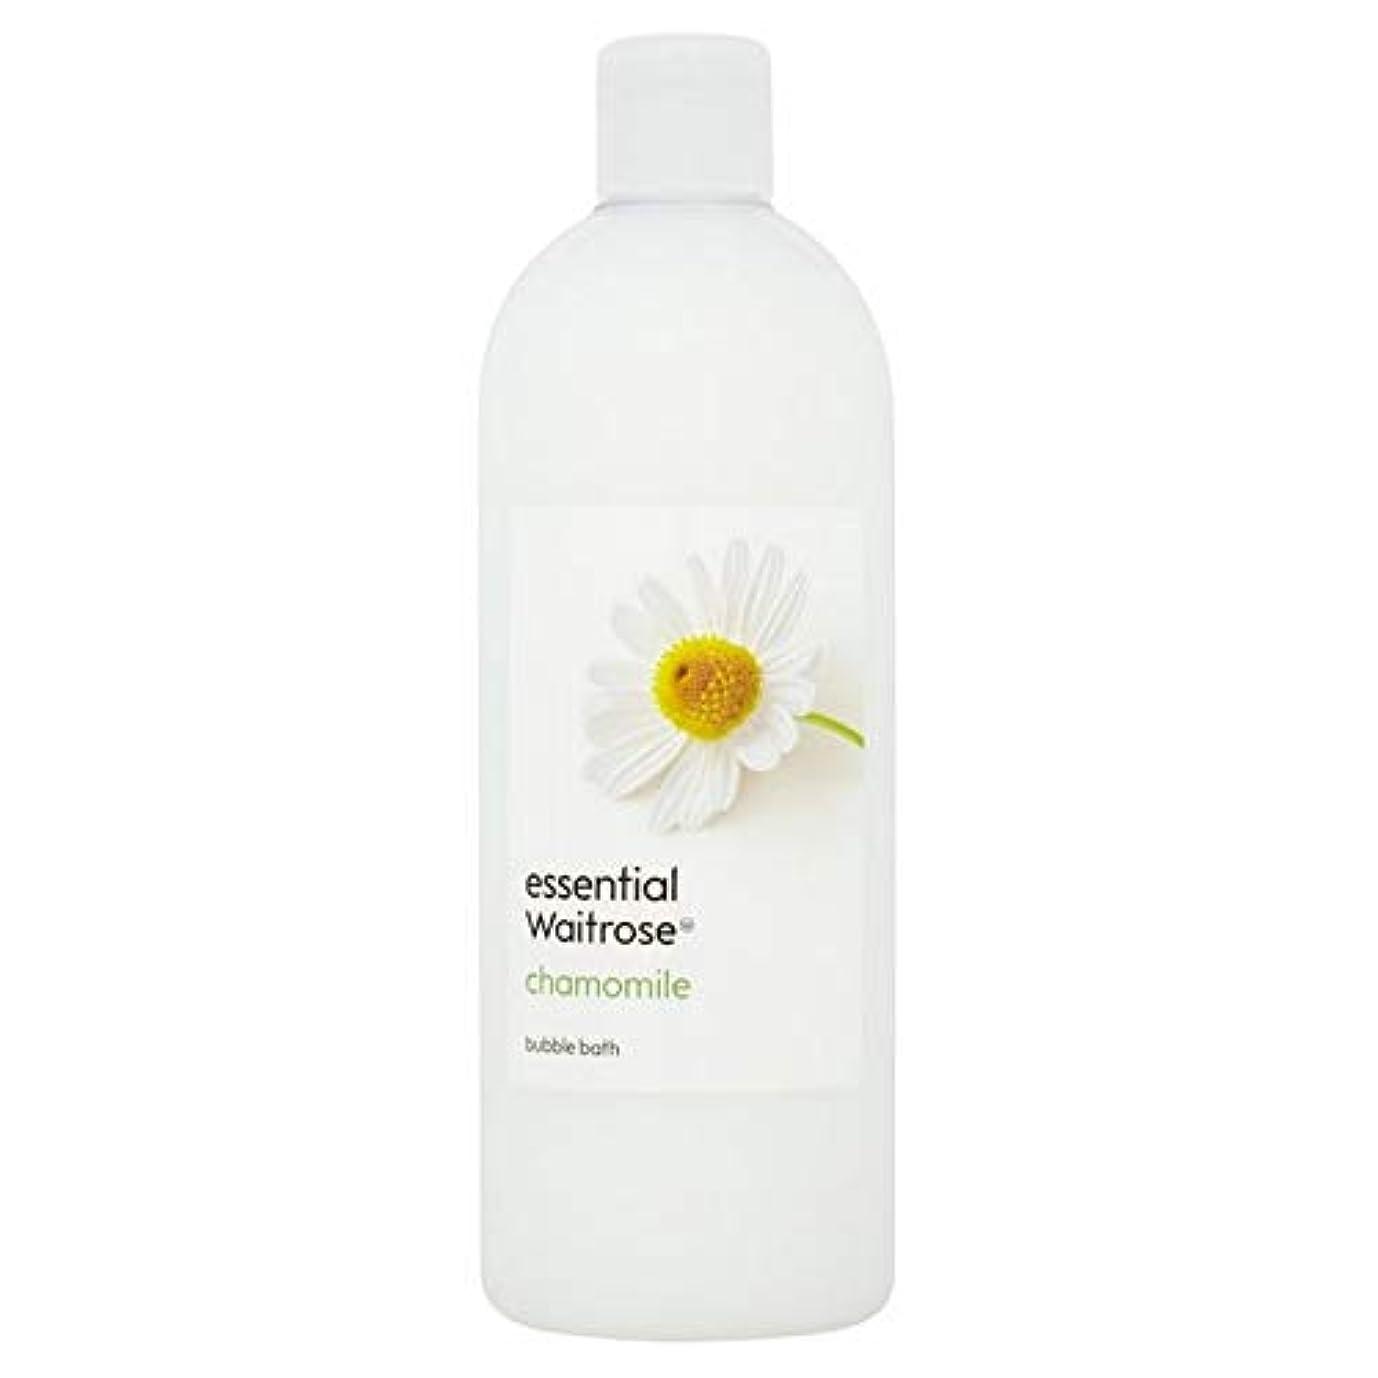 はず時々遠征[Waitrose ] 基本的なウェイトローズ泡風呂のカモミール750ミリリットル - Essential Waitrose Bubble Bath Chamomile 750ml [並行輸入品]